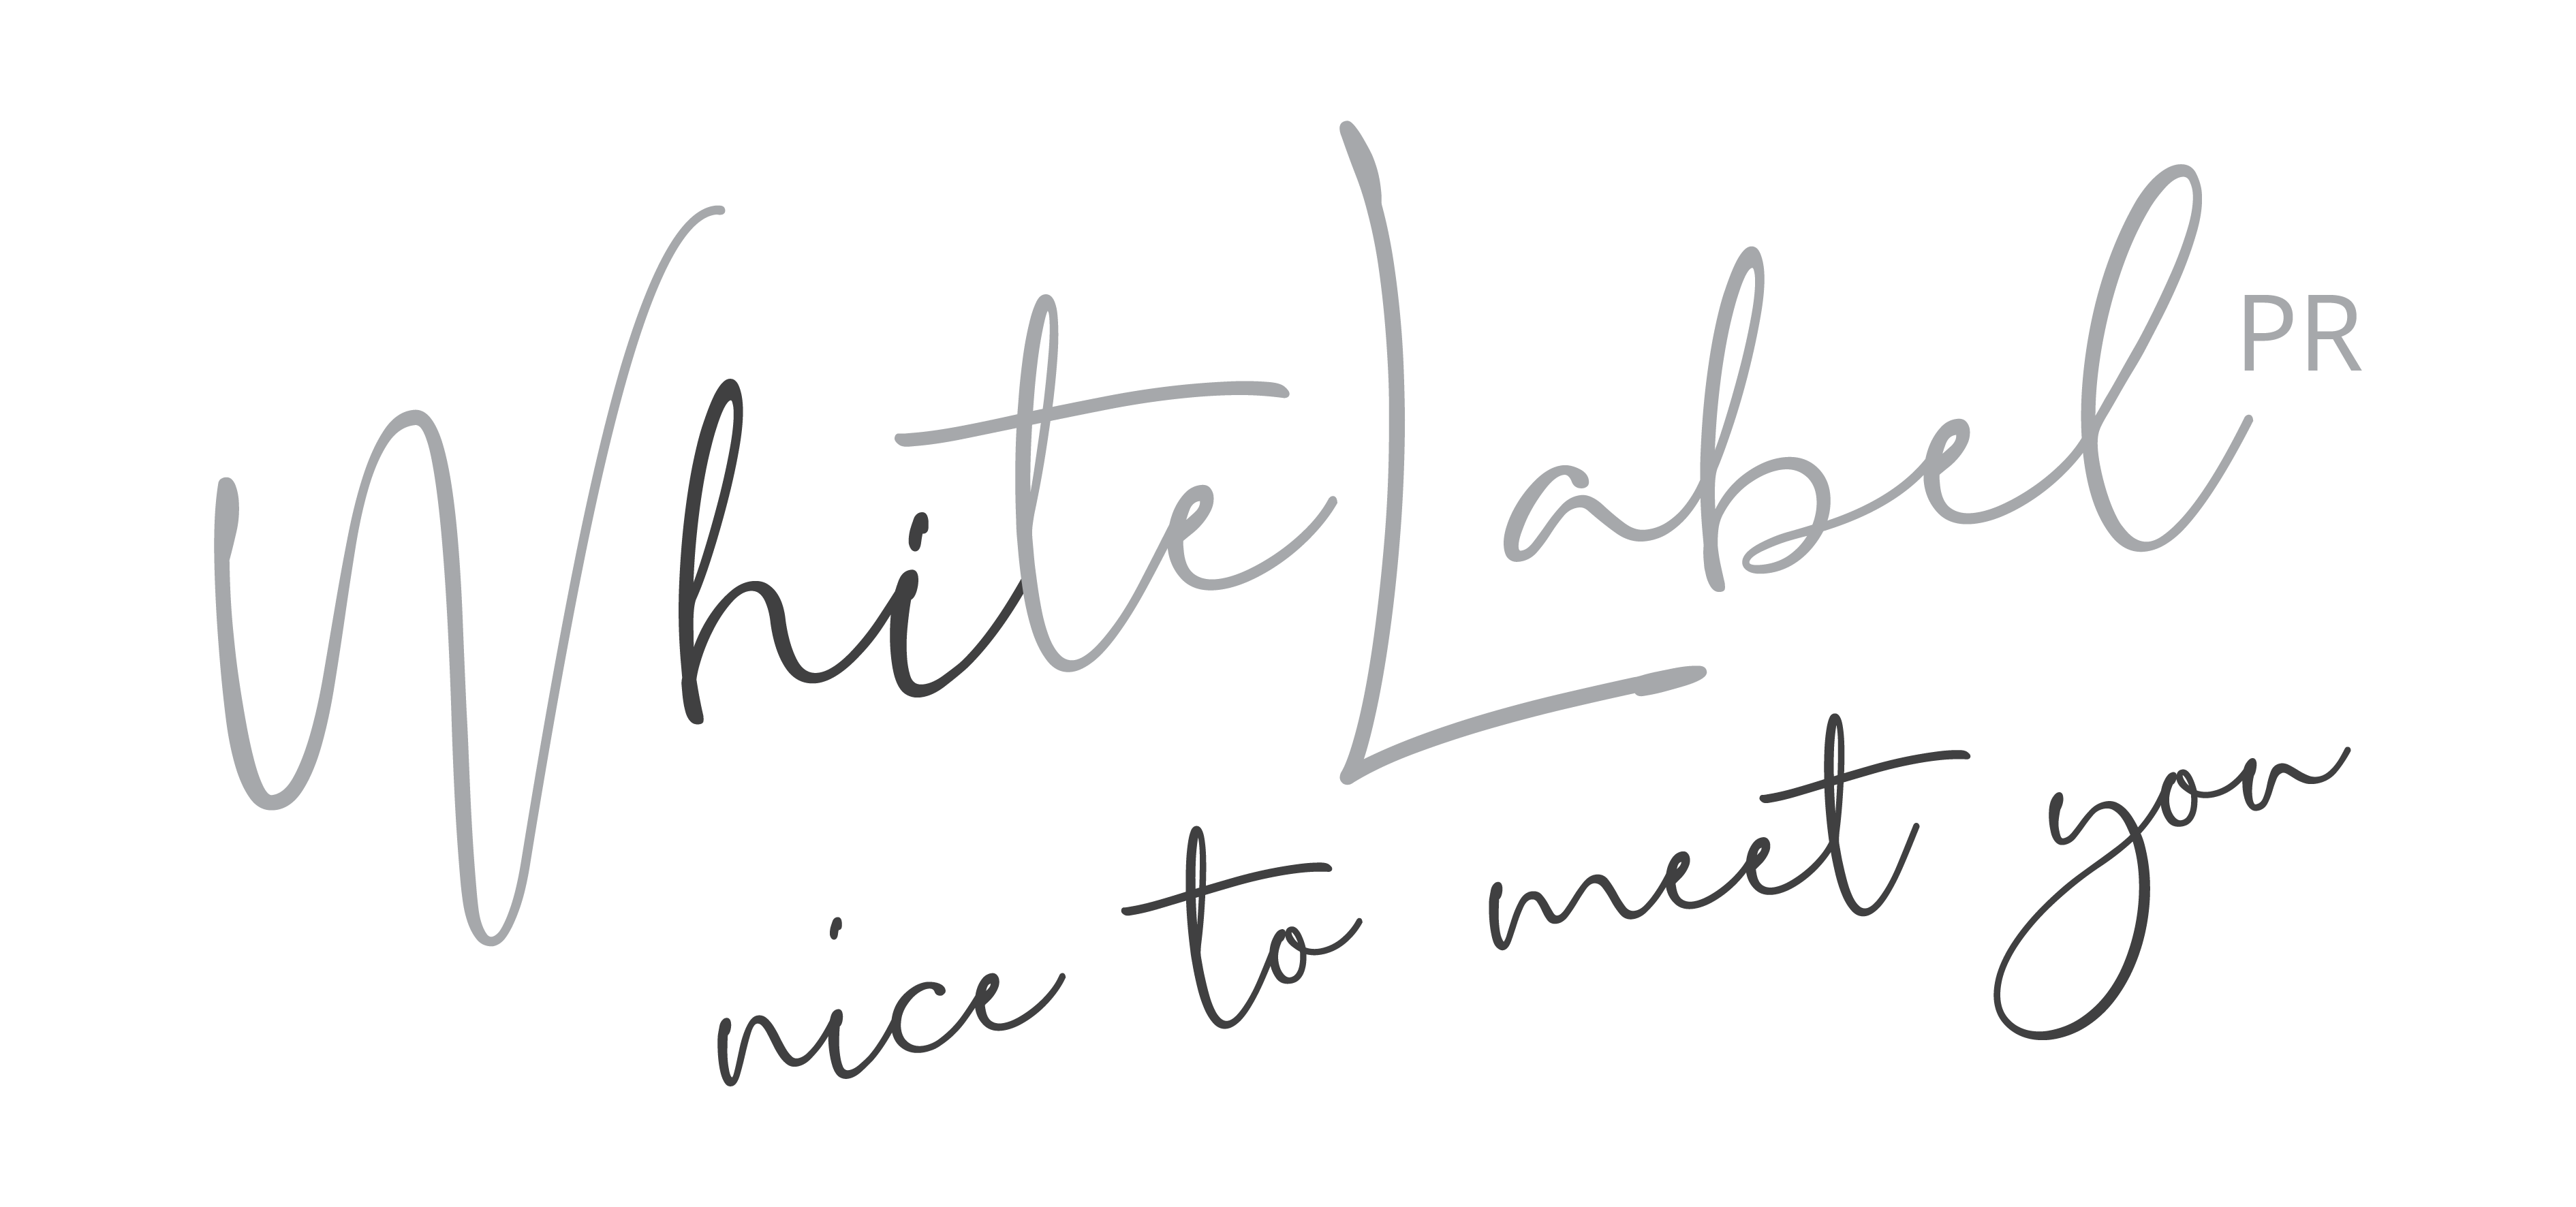 WhiteLabel PR